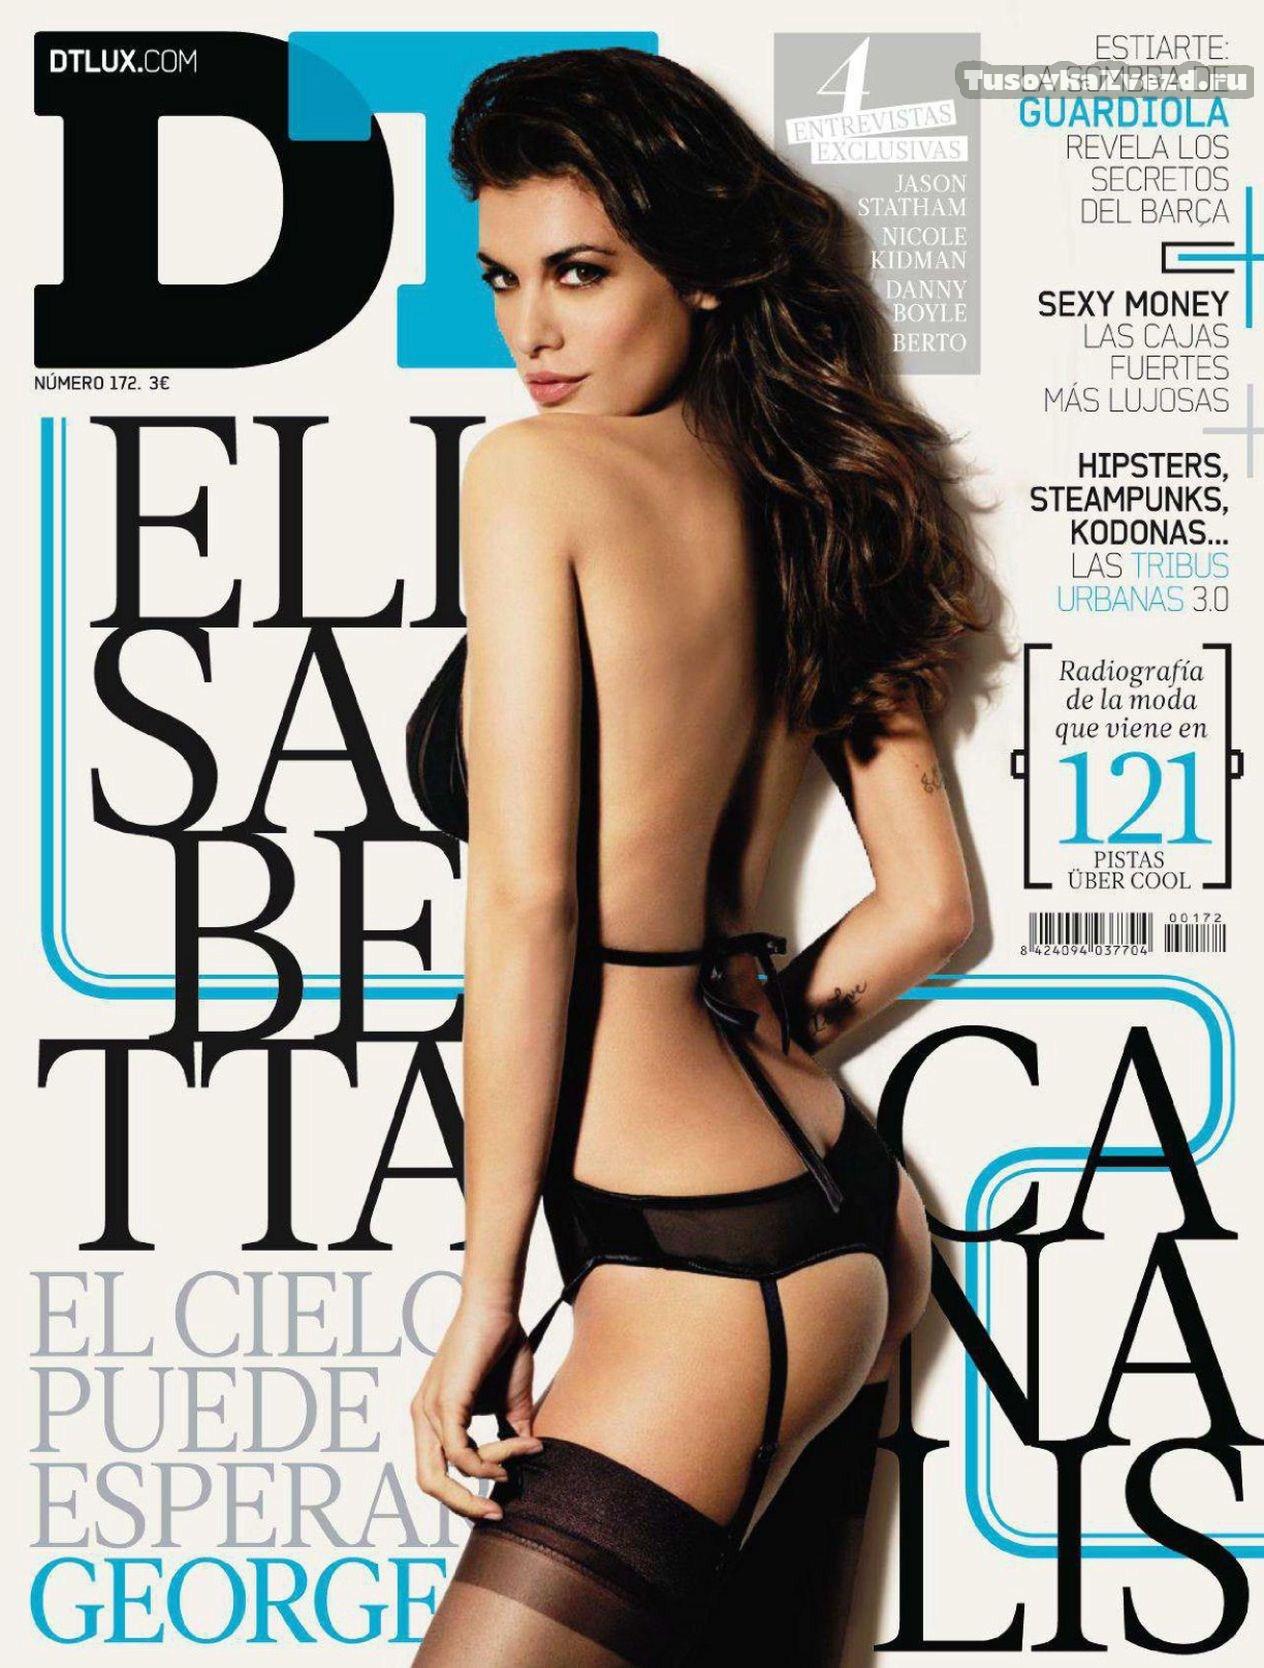 Элизабетта Каналис (Elisabetta Canalis) эротическая фото сессия для журнала DT Испания, март 2011